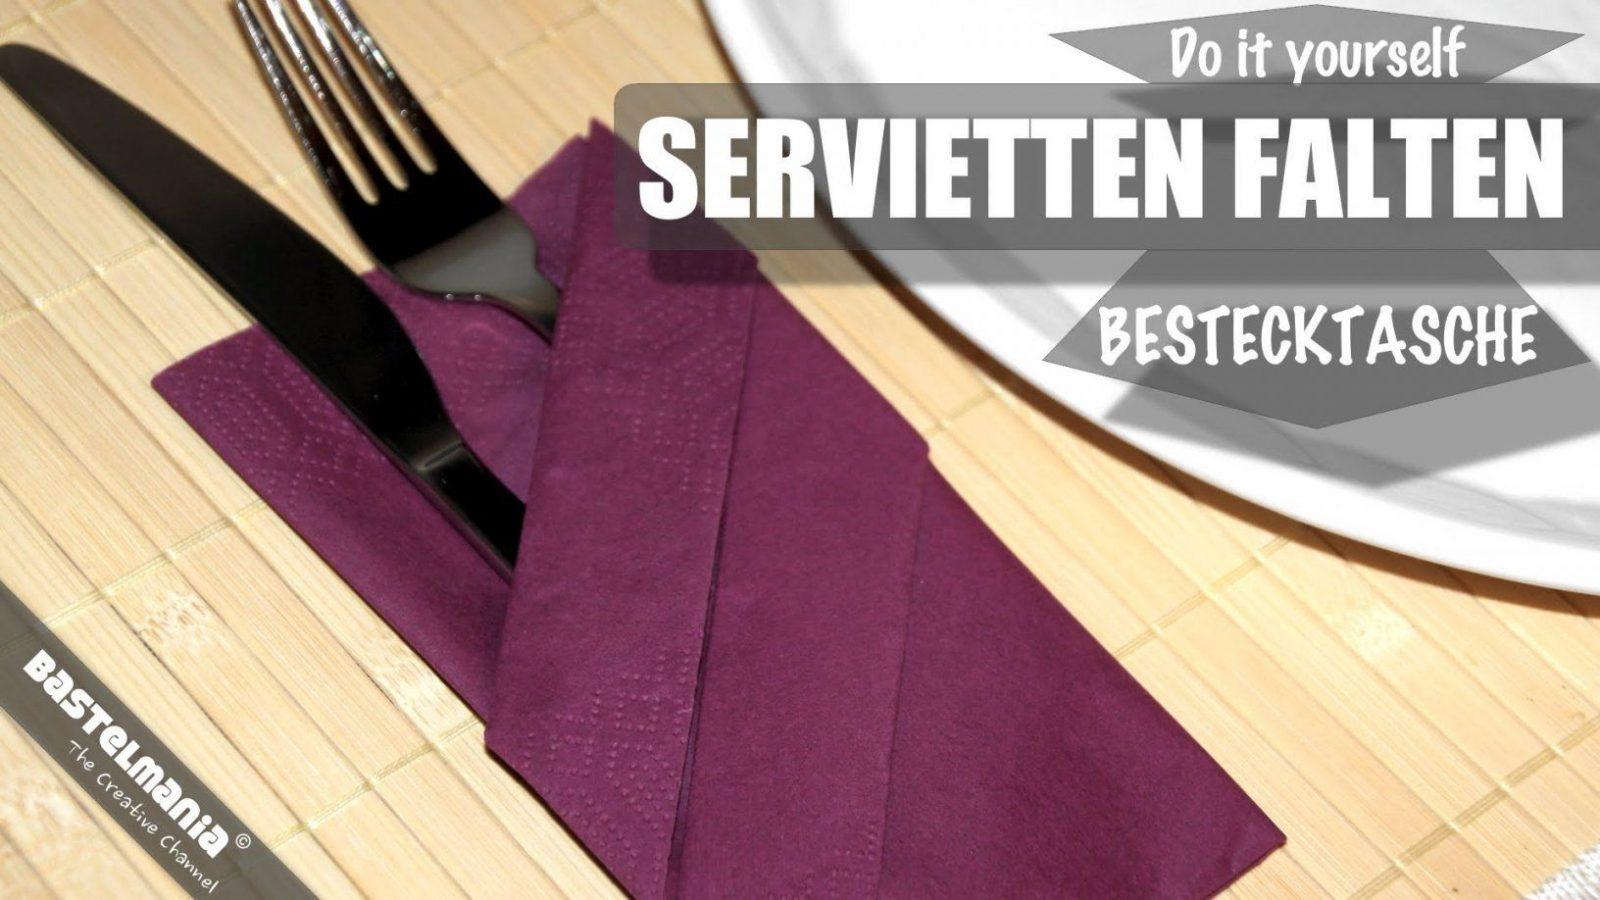 Servietten Falten Anleitung Bestecktasche Diy Napkin Folding von Servietten Falten Mit Besteck Photo